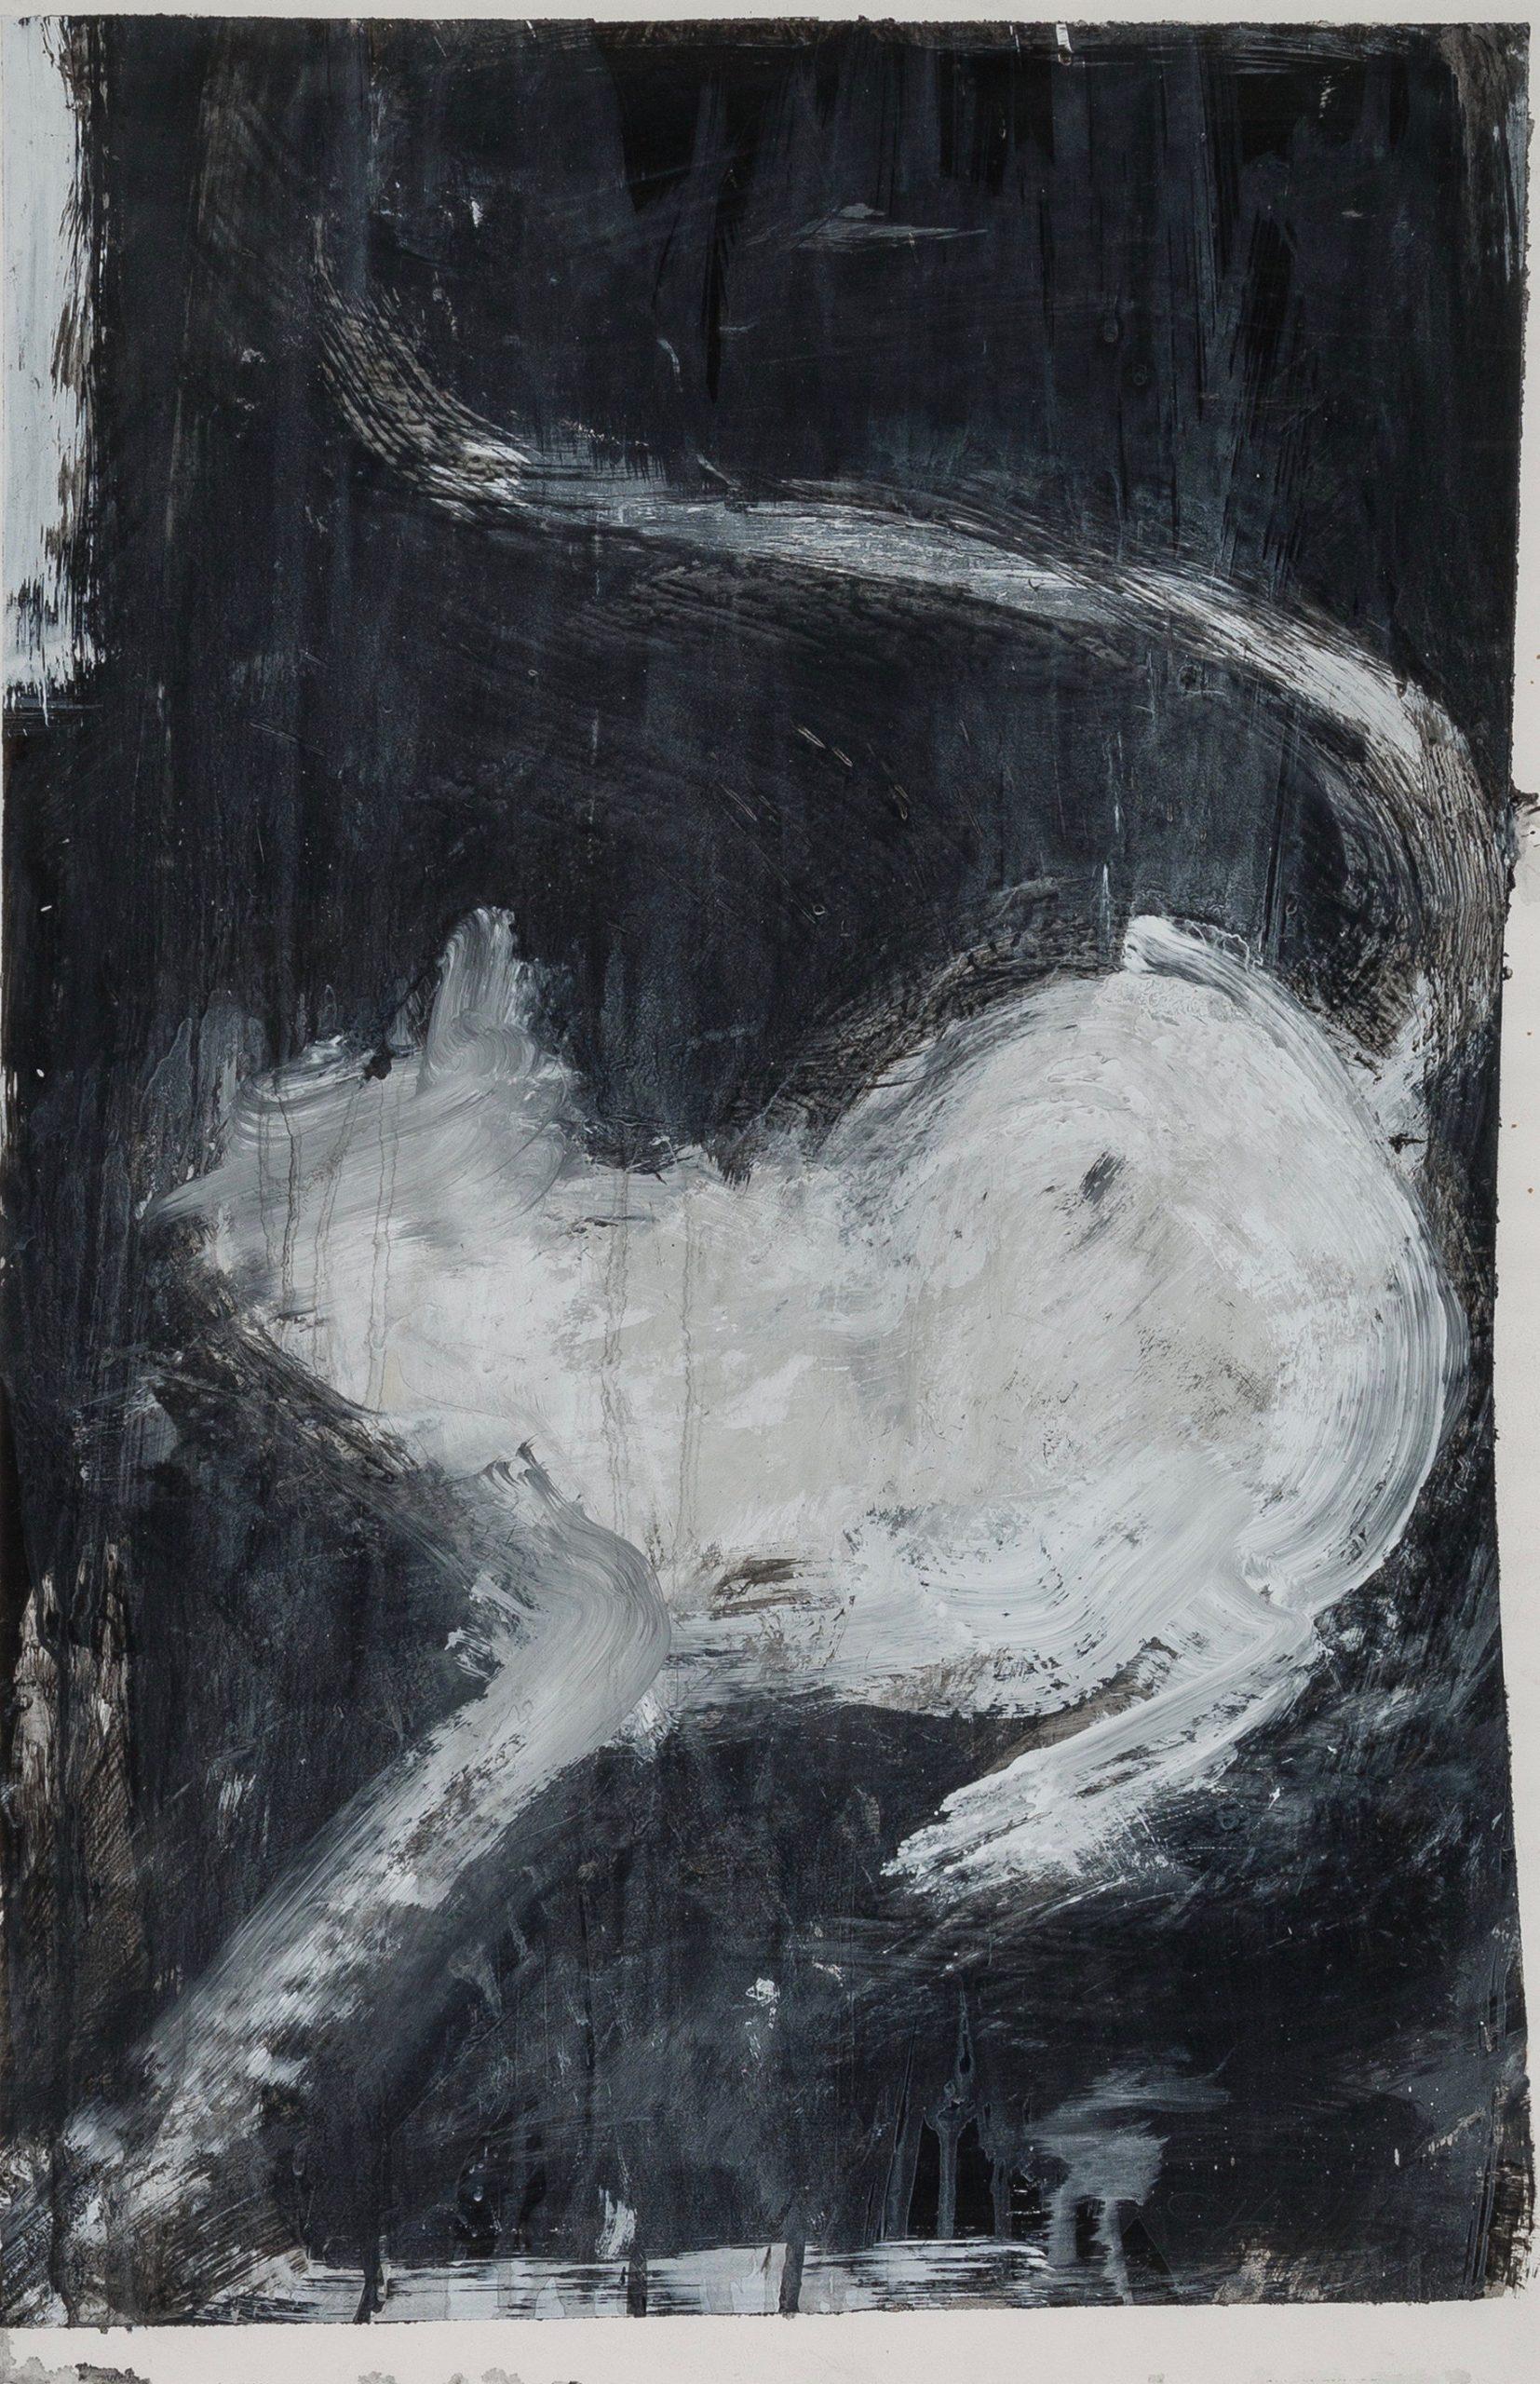 Meow by Richard Hambleton